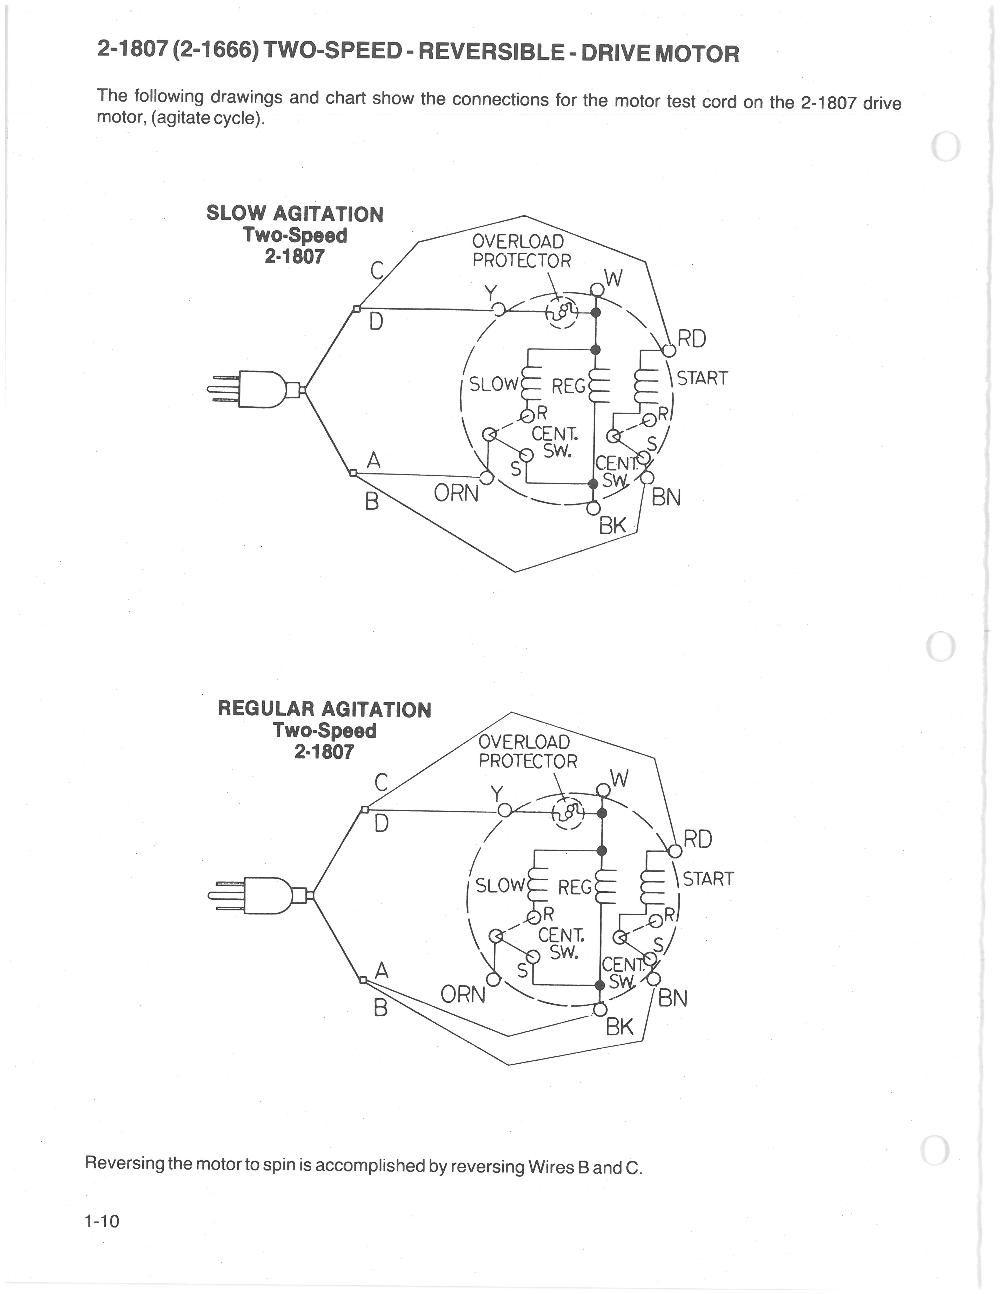 Wiring Diagram Of Washing Machine Motor | Washing machine ... on washer motor sensor, washer motor control, washer motor transmission, washer motor switch, ignition switch wiring, 3 phase wiring, washer motor parts, washer motor generator,